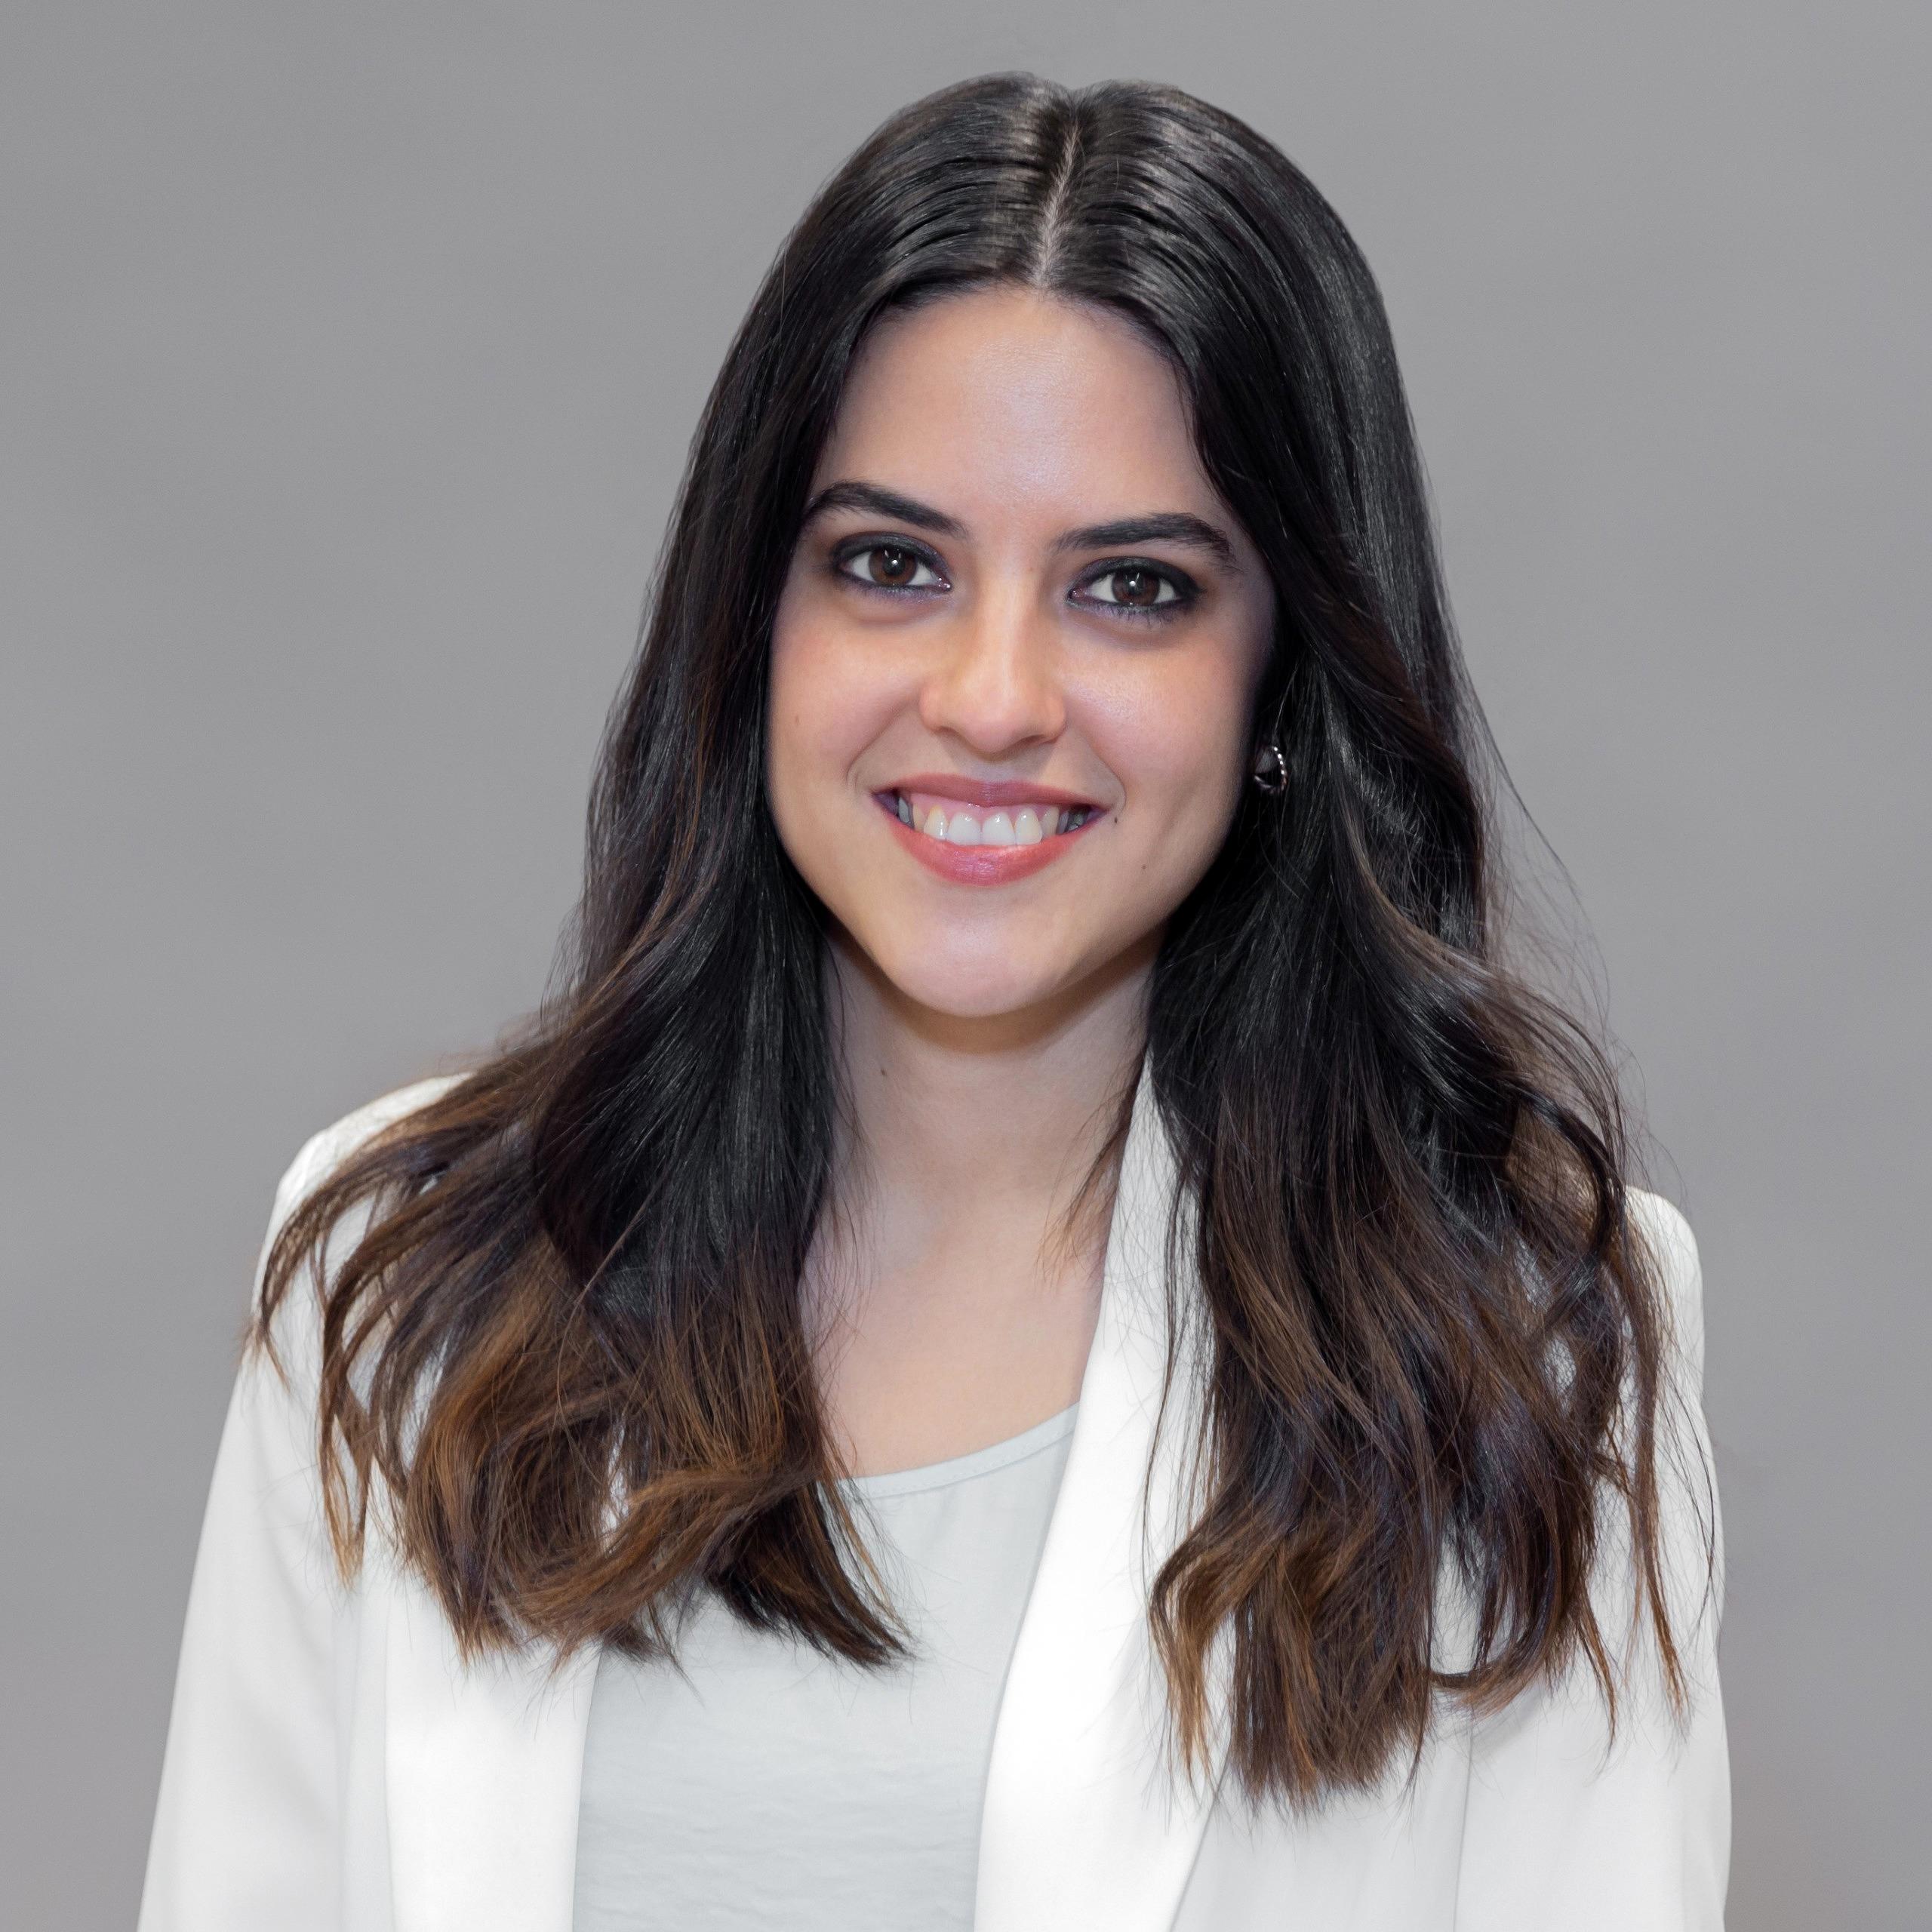 Lara Martín Molina